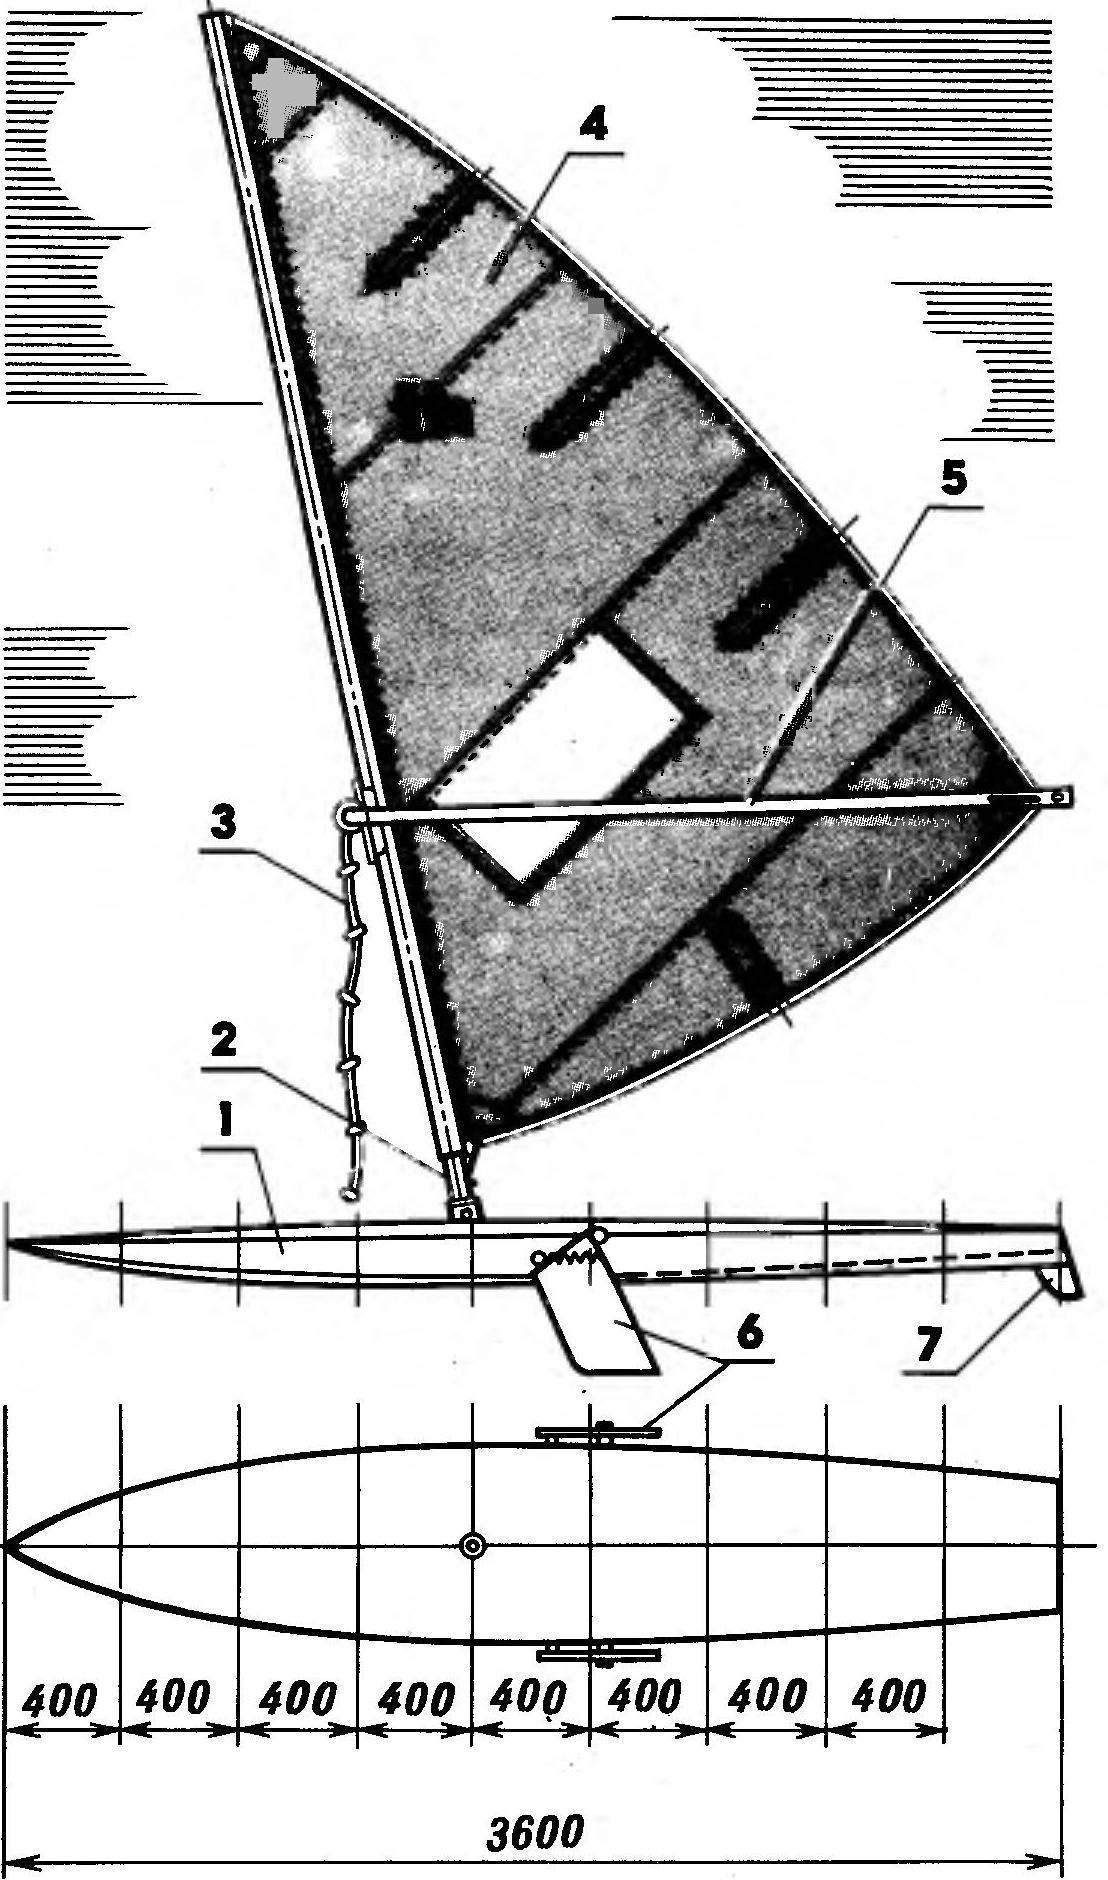 Р и с. 1. Парусная доска с корпусом упрощенной конструкции (на плановой проекции парус условно не показан)